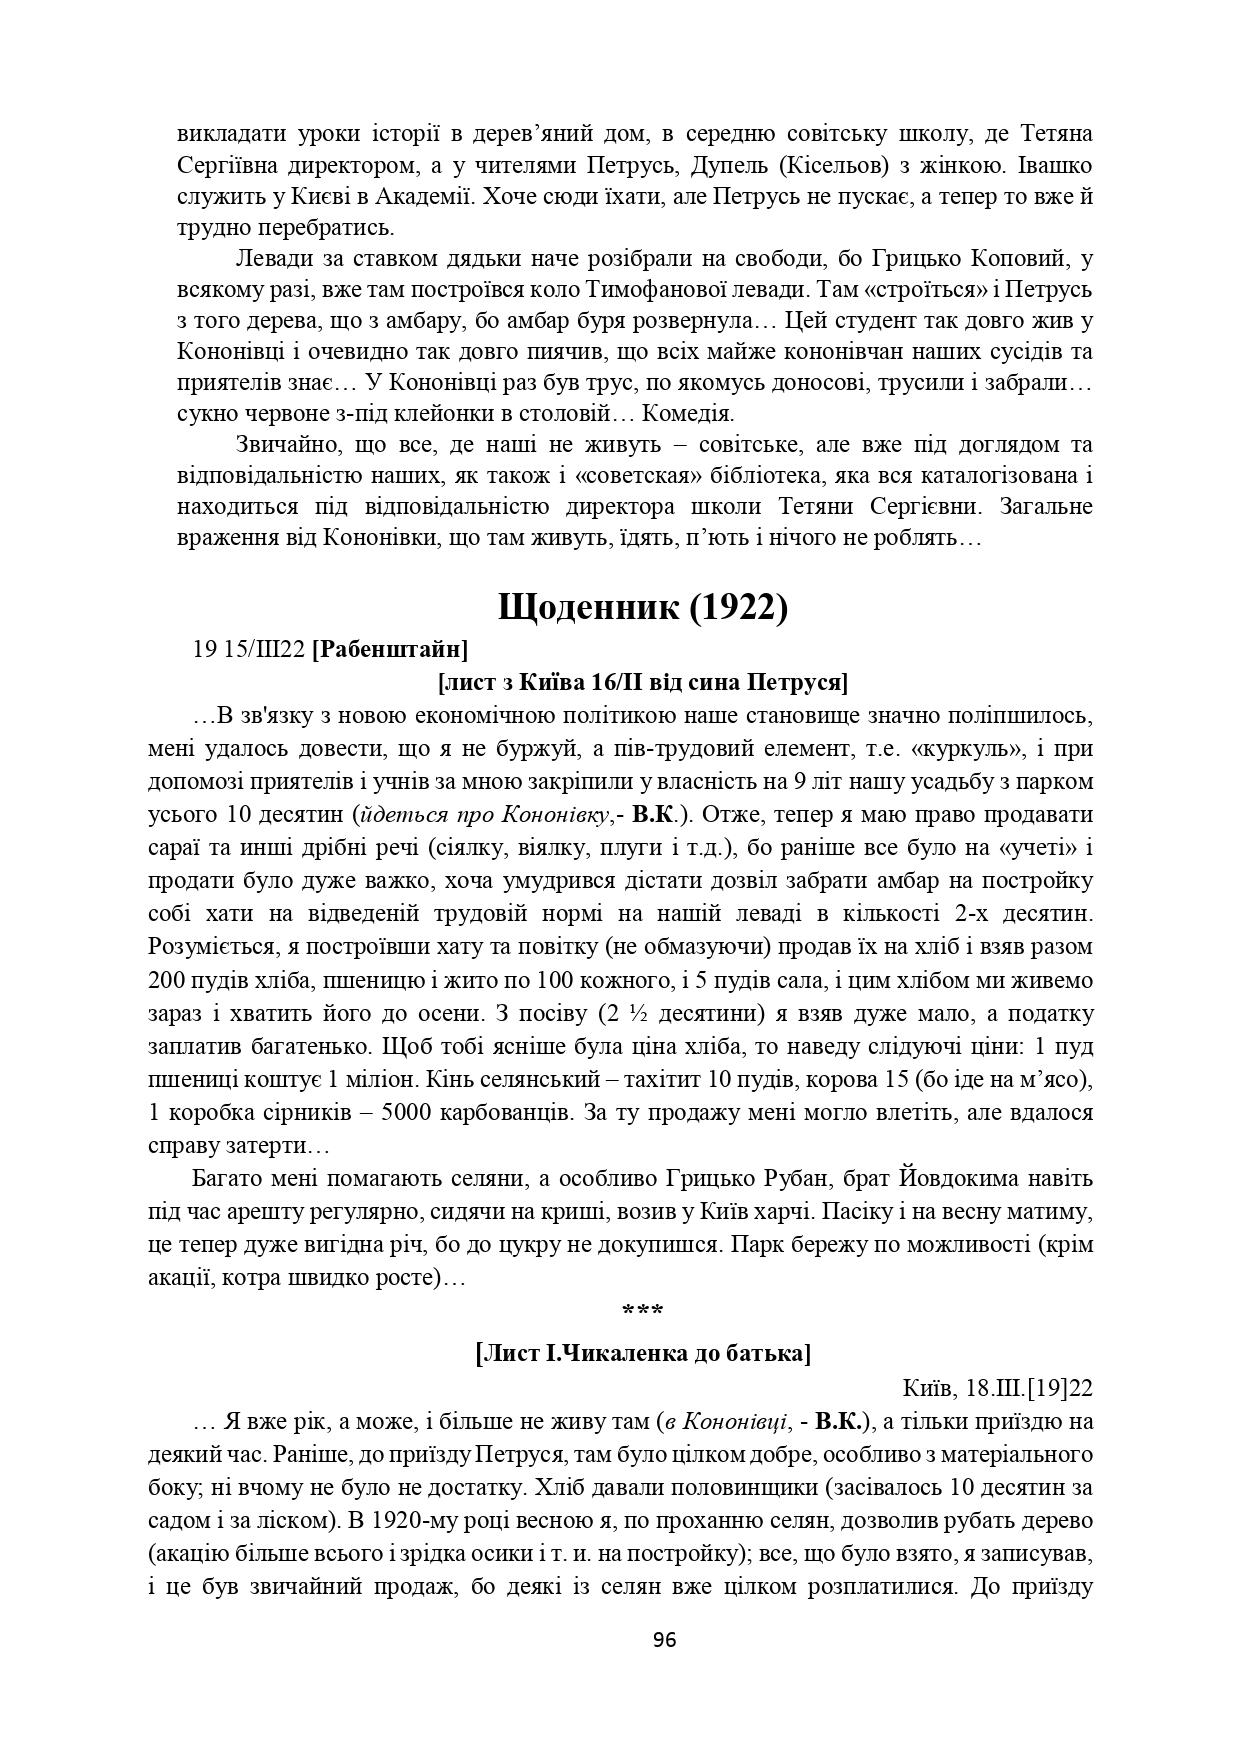 ІСТОРІЯ СЕЛА КОНОНІВКА 2021 (1)_page-0096